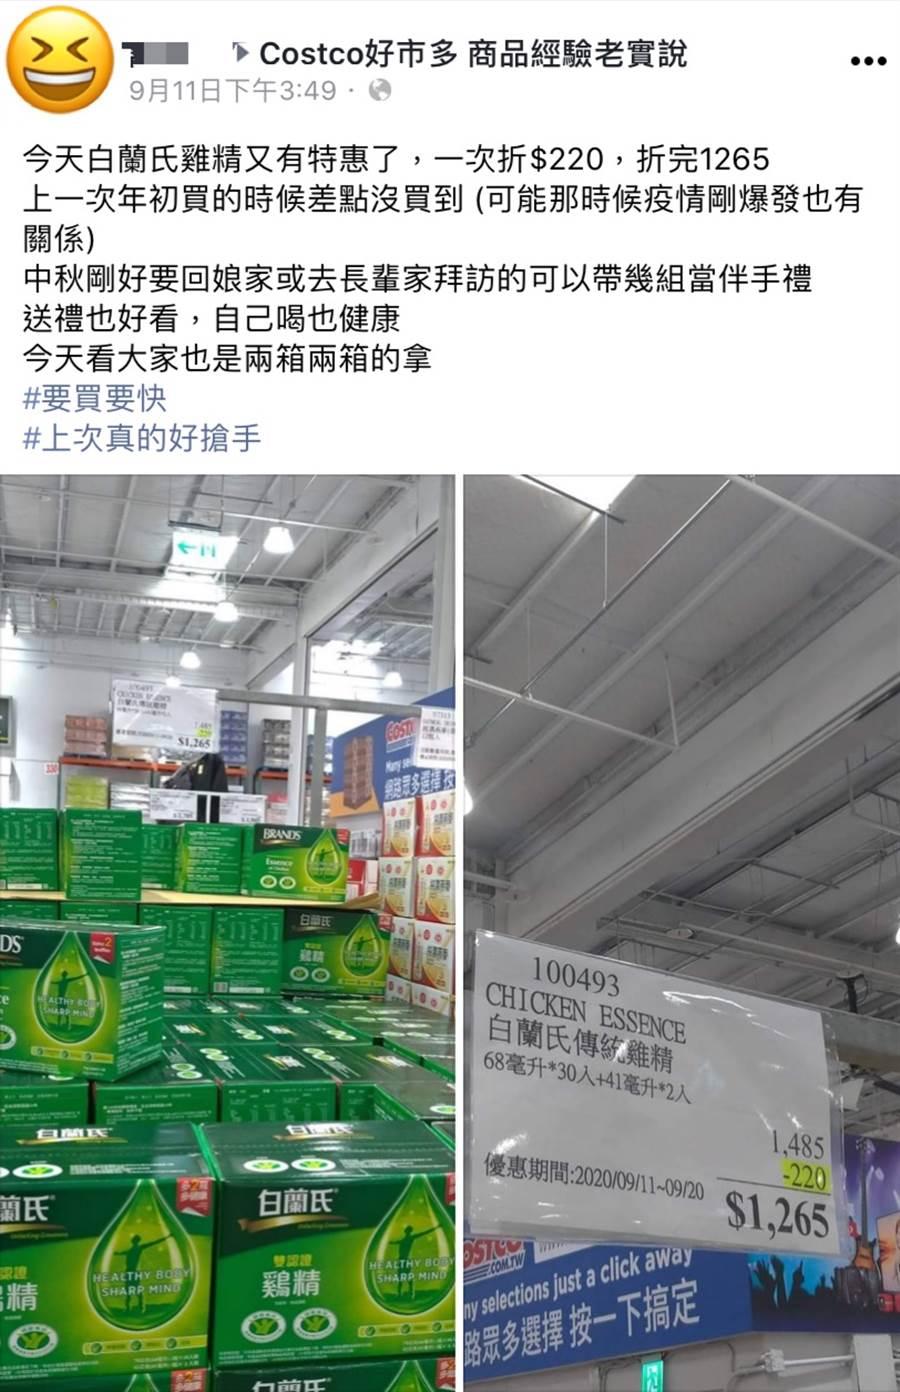 網友不藏私報好康,分享好市多的白蘭氏雞精現正特價中。(圖取自臉書社團Costco好市多 商品經驗老實說)